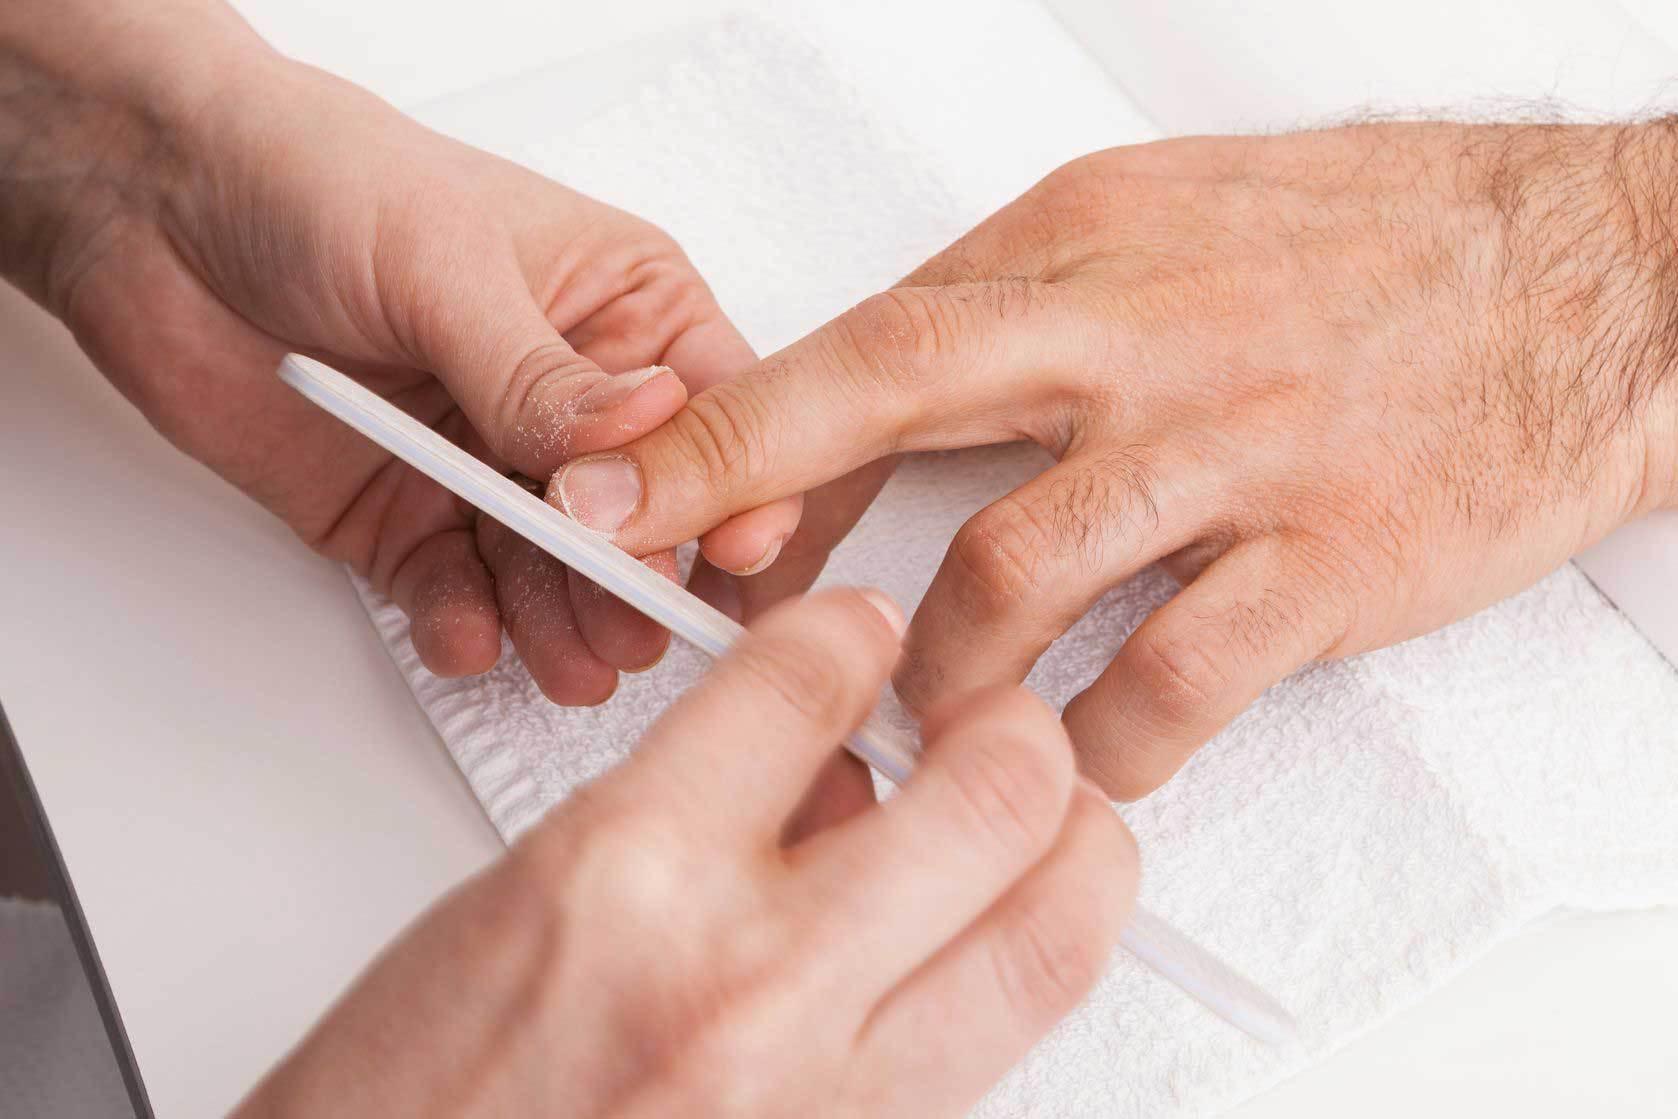 man's hands manicure